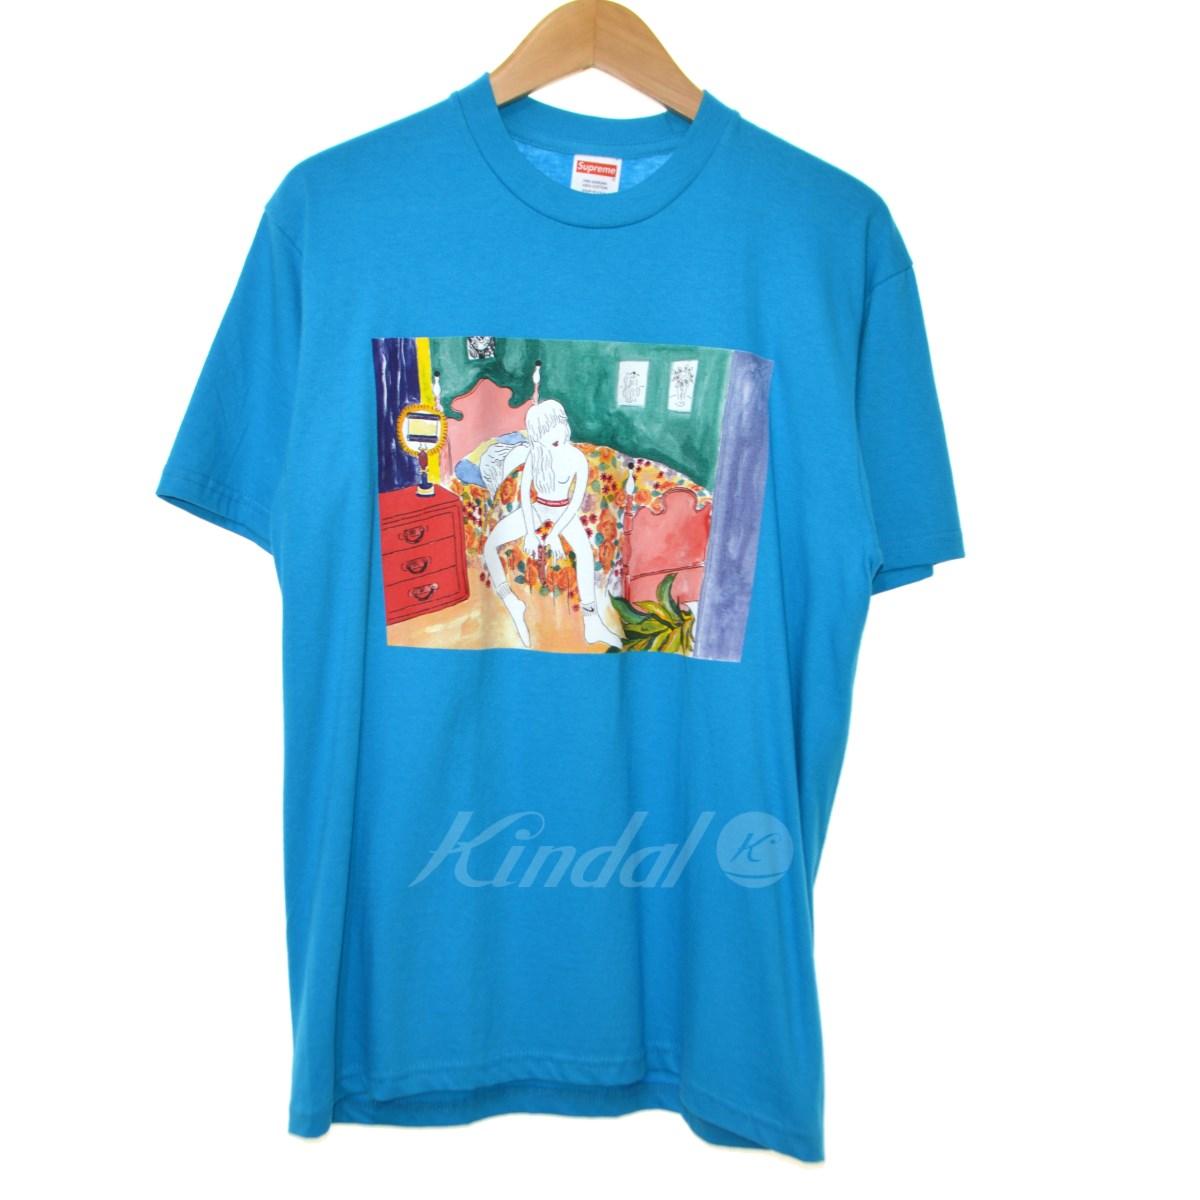 【中古】SUPREME 18AW Bedroom Tee 【送料無料】 【096218】 【KIND1550】